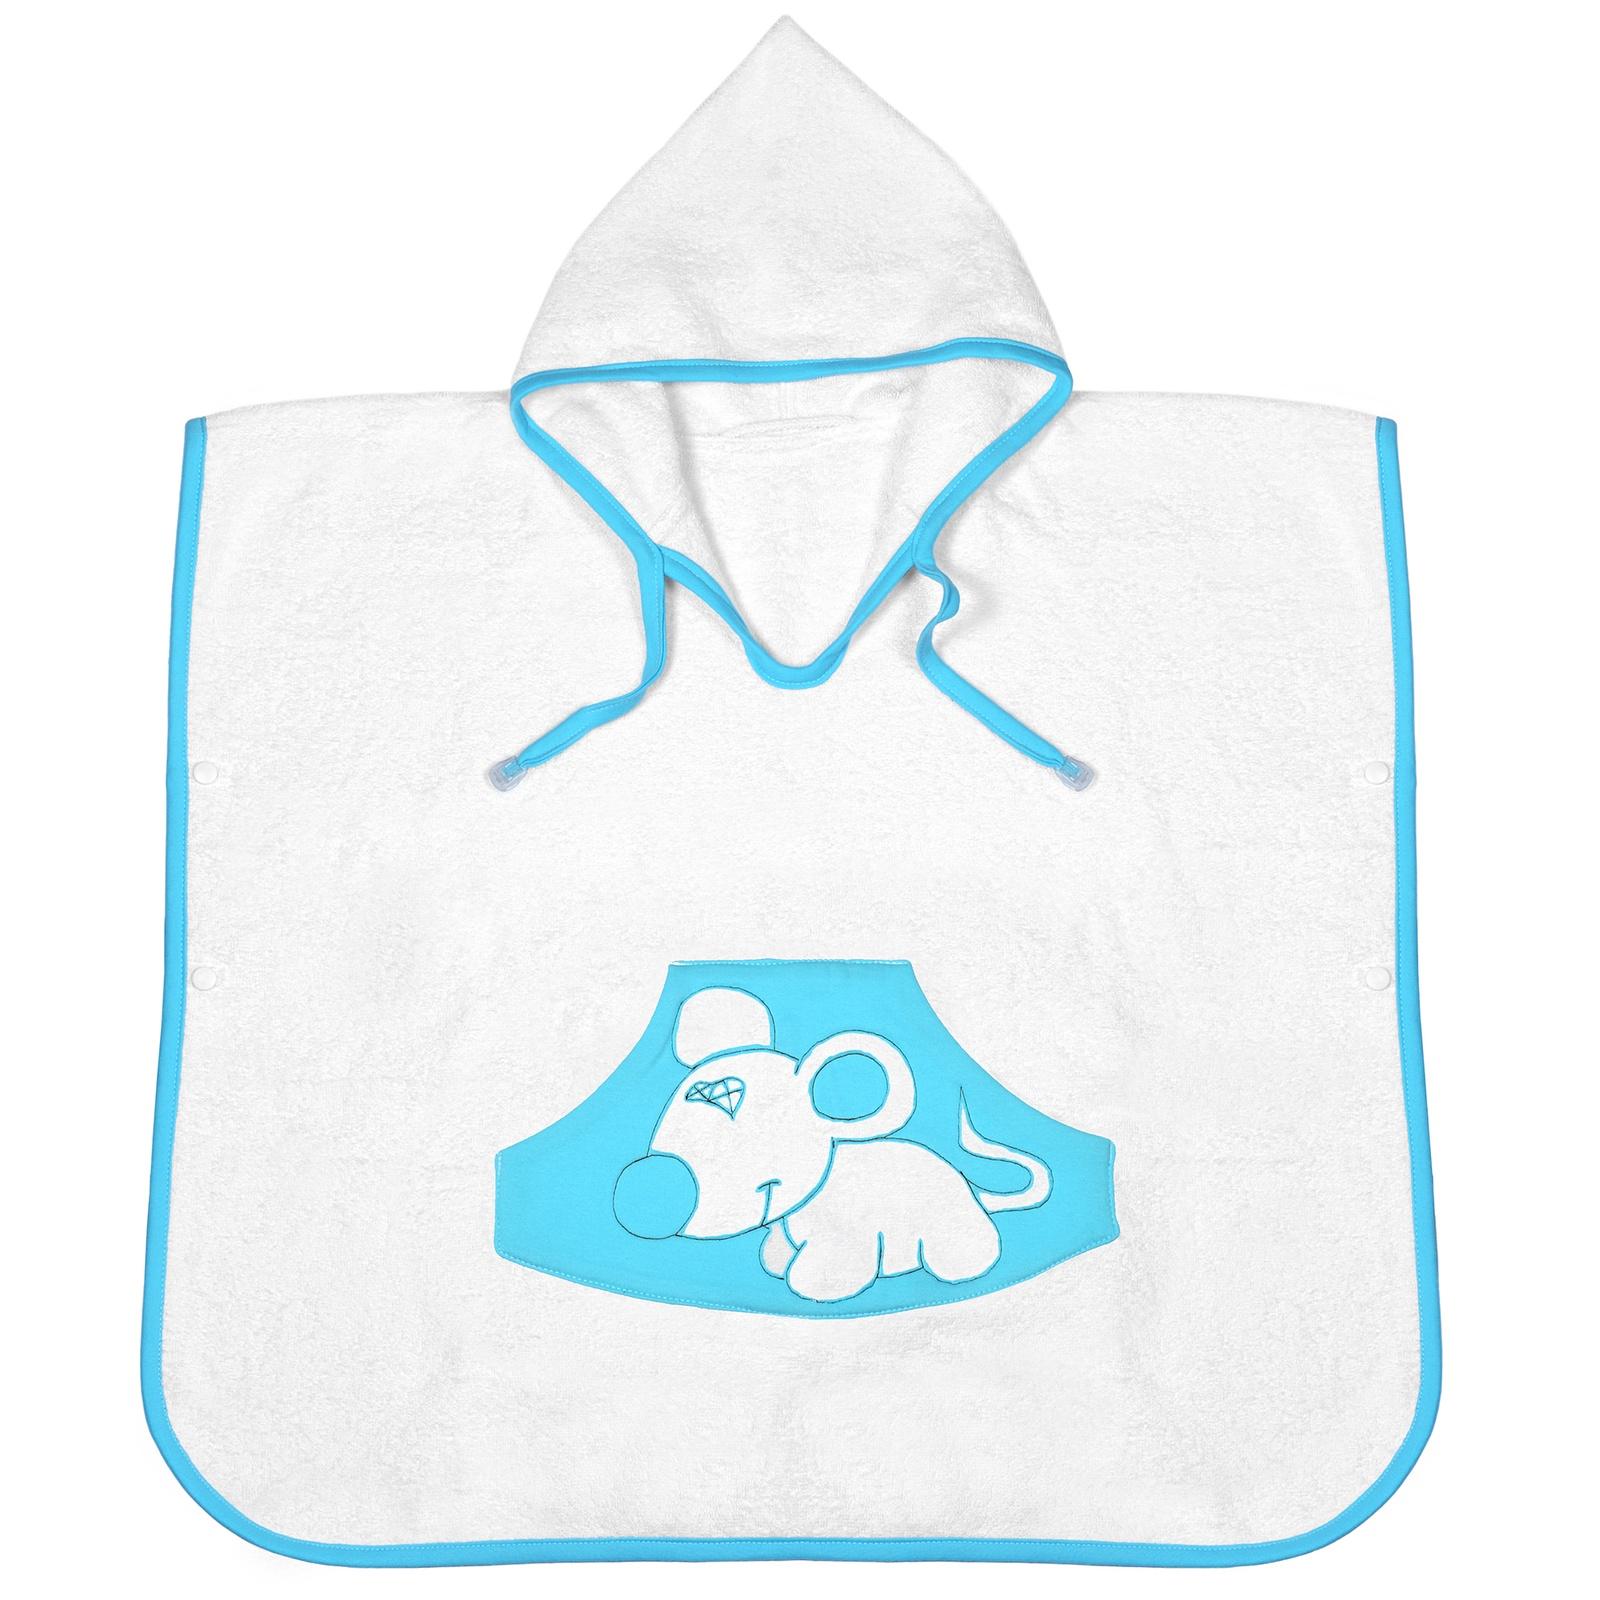 Халат OnlyCute, белый, голубой 98/104 размер205MB_MХалат в форме пончо с капюшоном, из мягкого махрового хлопка, с большим и веселым карманом. Застегивается по бокам на кнопочки. После водных процедур малыш сможет с легкостью сам вытереться и одеться. Использовать можно как дома, так и на пляже, для предотвращения контакта нежной кожи с солнечными лучами. Толщина махры пончо рассчитана таким образом, чтобы малышу было удобно и легко, но в тоже время тепло. А позитивный дизайн халата порадует подарит отличное настроение. Размер: 1-3 лет. Ширина изделия 66см, длина 55 см.